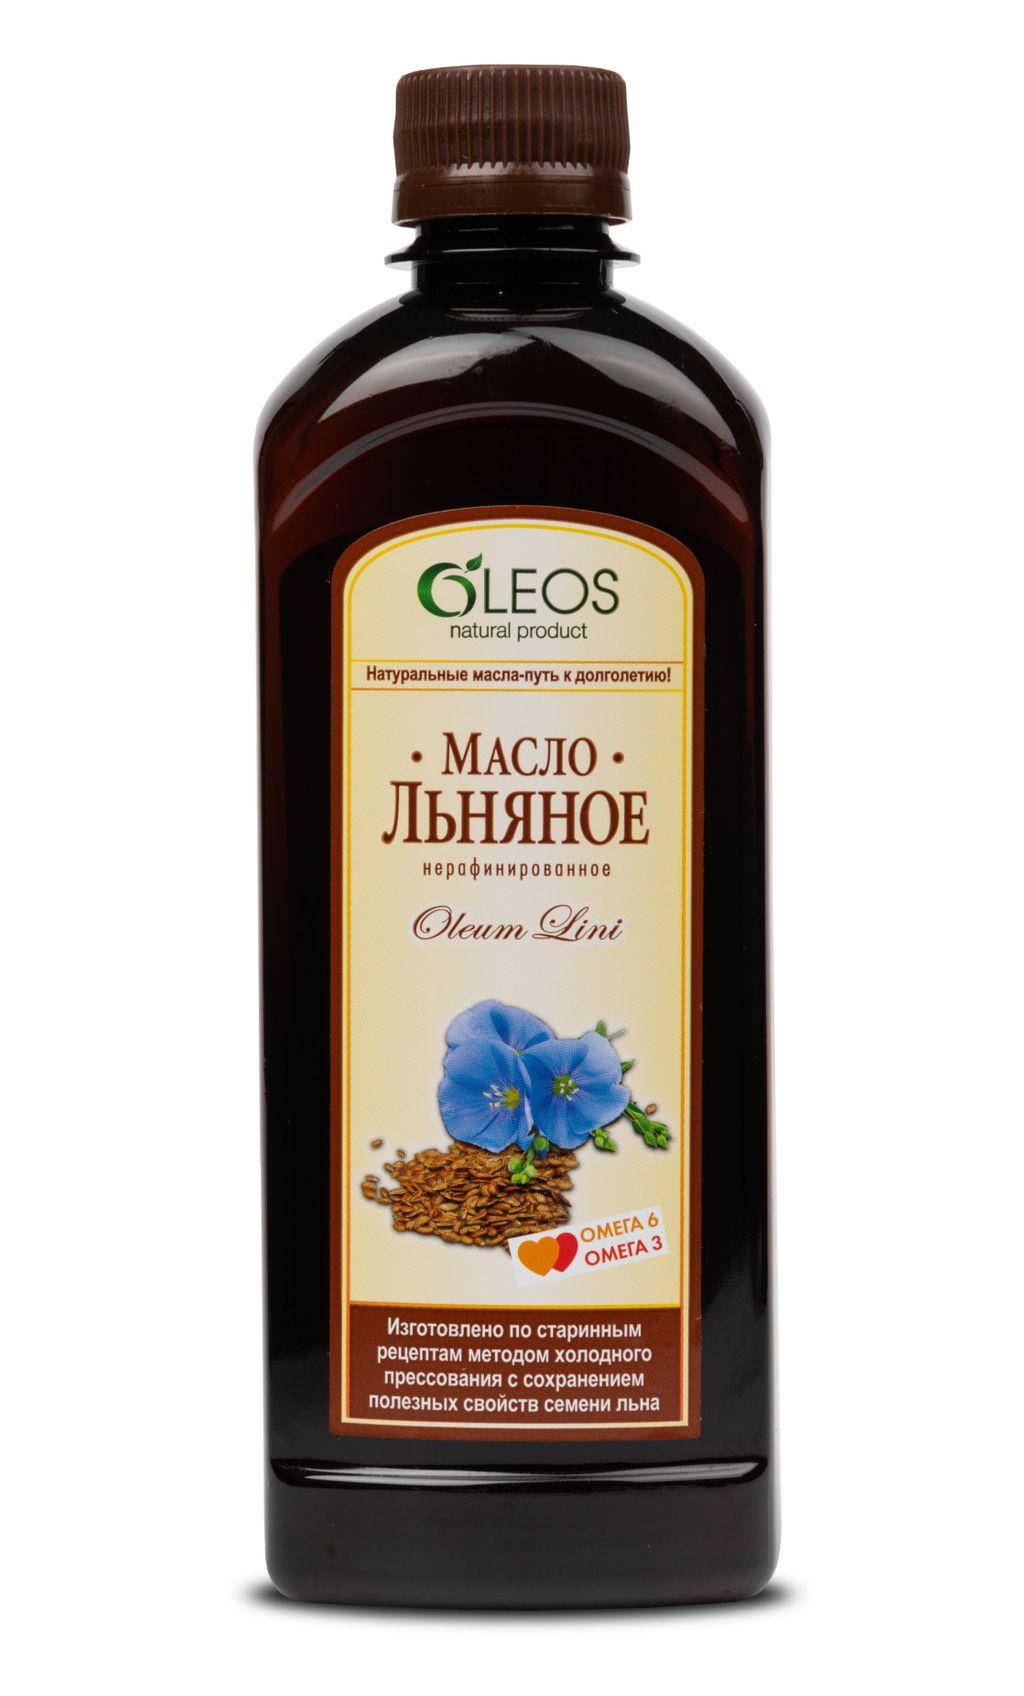 фото упаковки Oleos Льняное масло